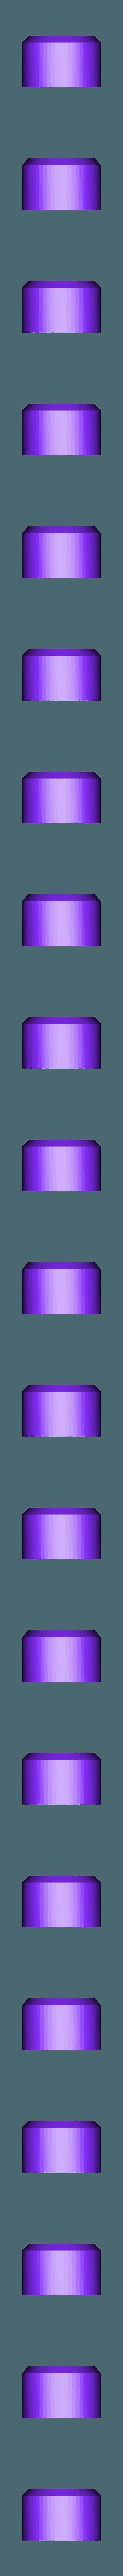 ENTRETOISE.STL Download free STL file Shaver support • 3D printer design, YAN-D